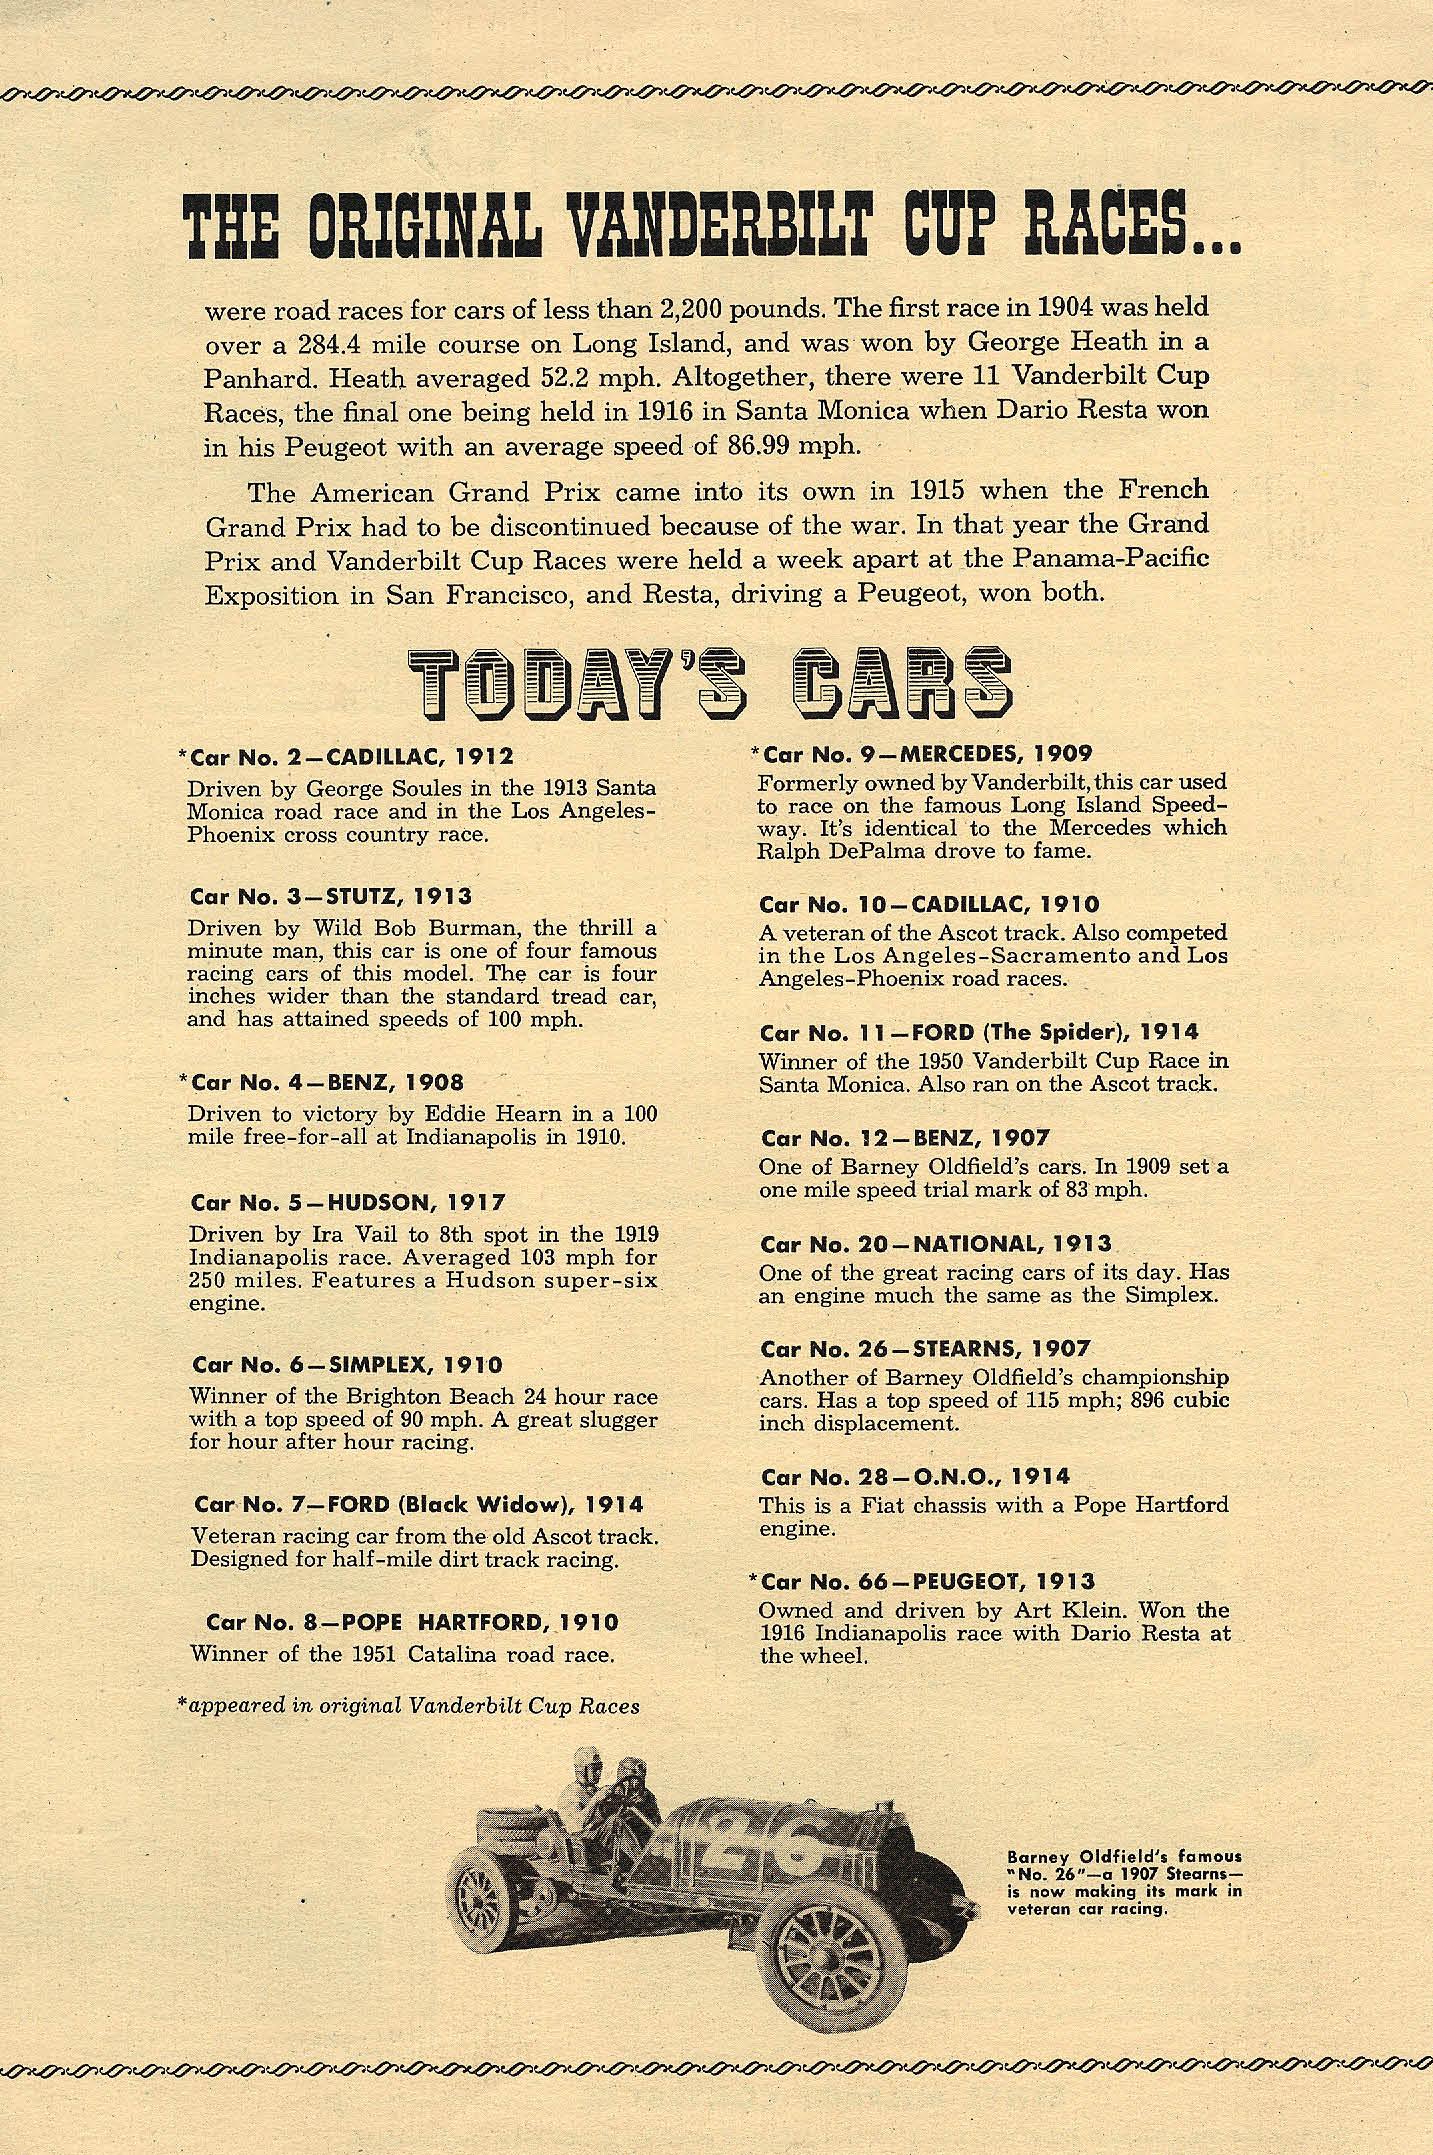 the 1952 Veteran Car Race